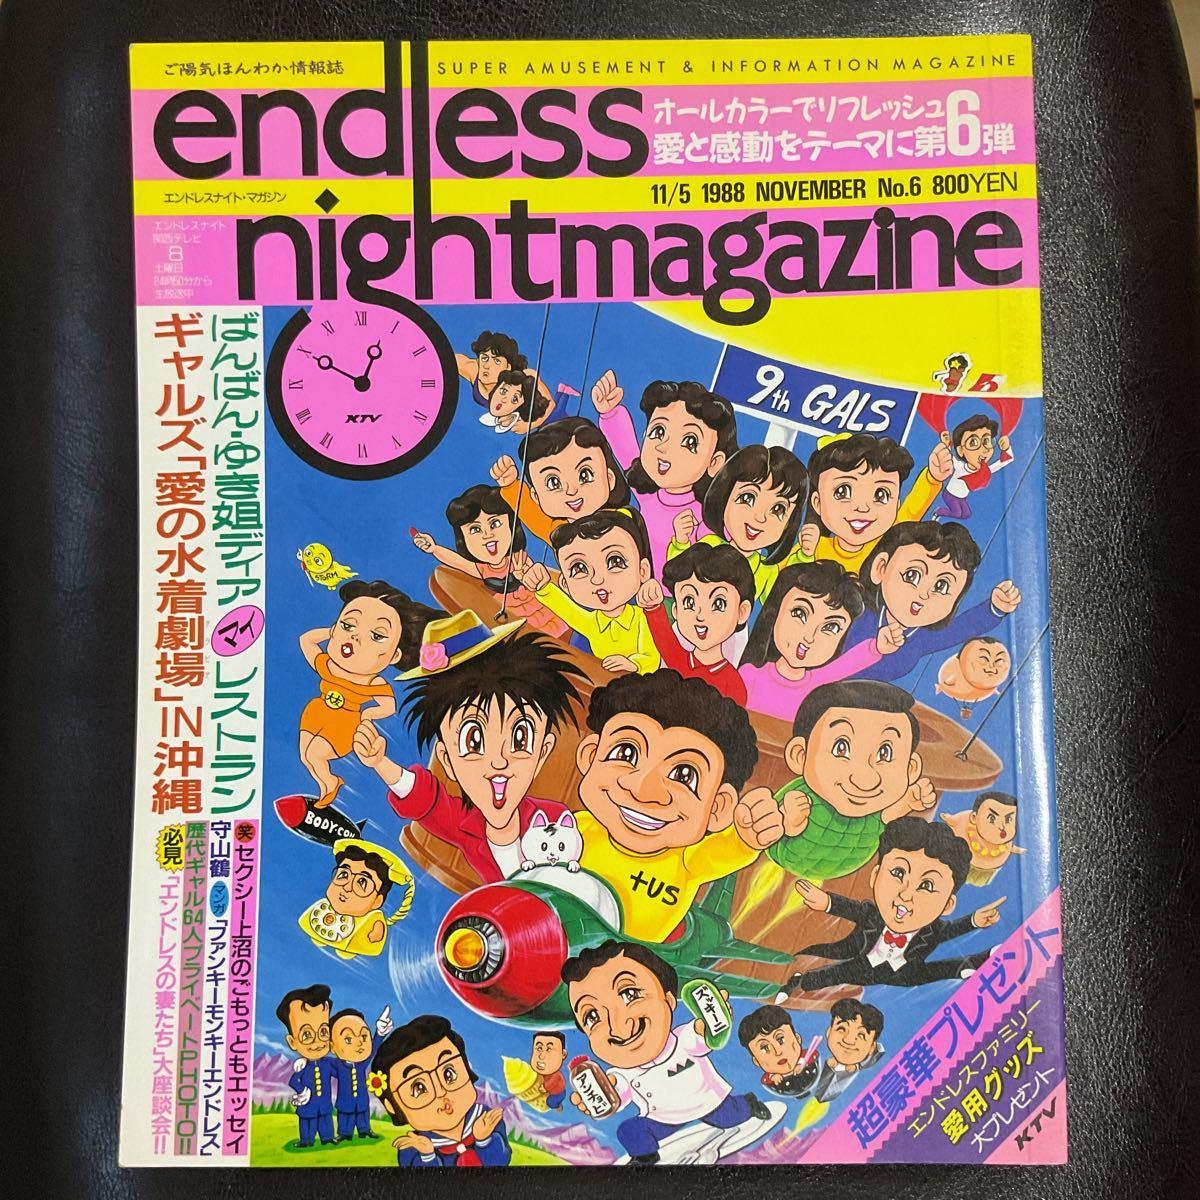 1988.11.5 エンドレスナイトマガジン